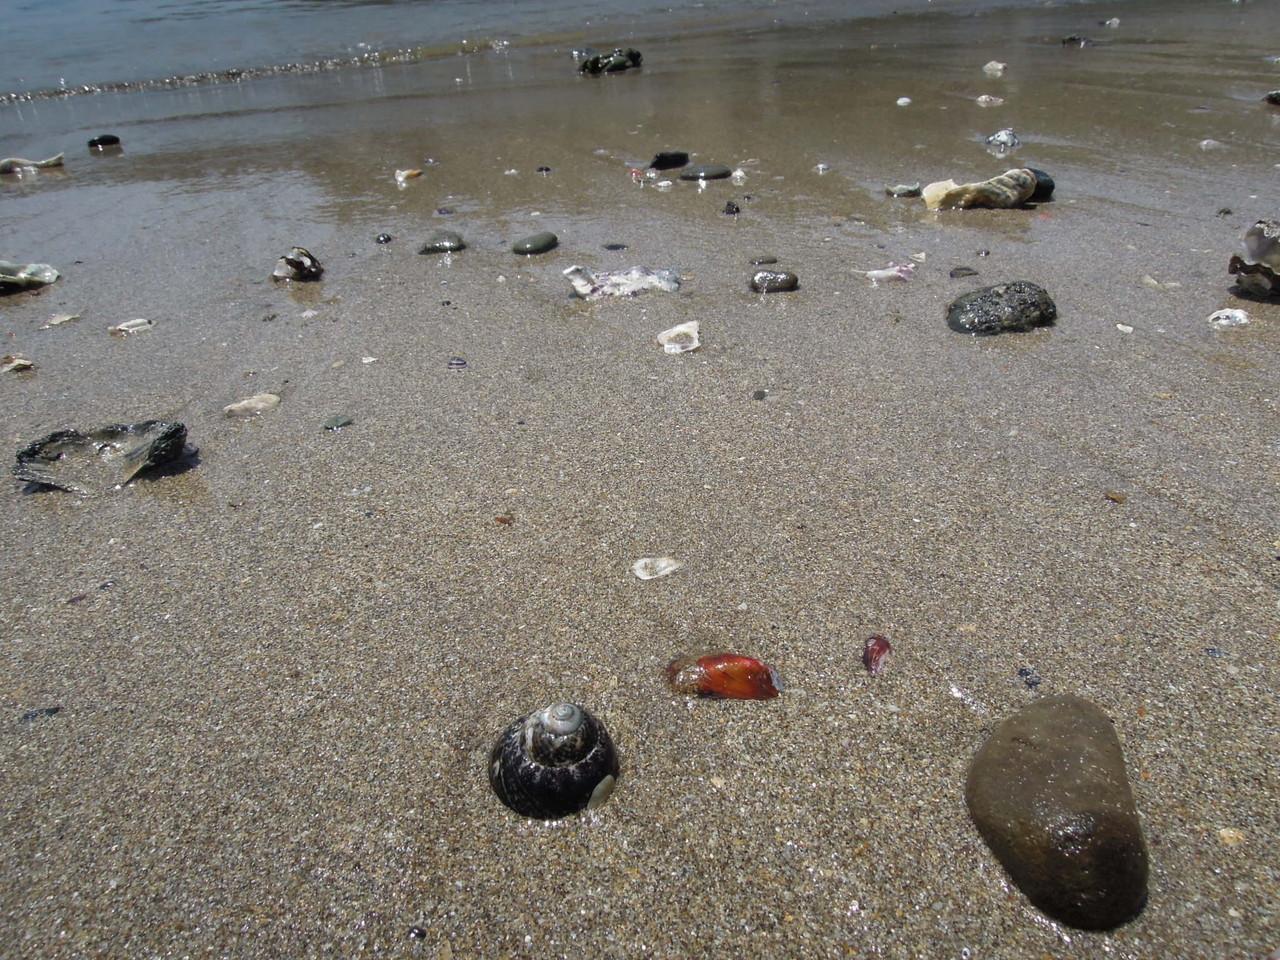 砂浜のクリーン作戦を行ったおかげで浜辺はかなりきれいになっていました